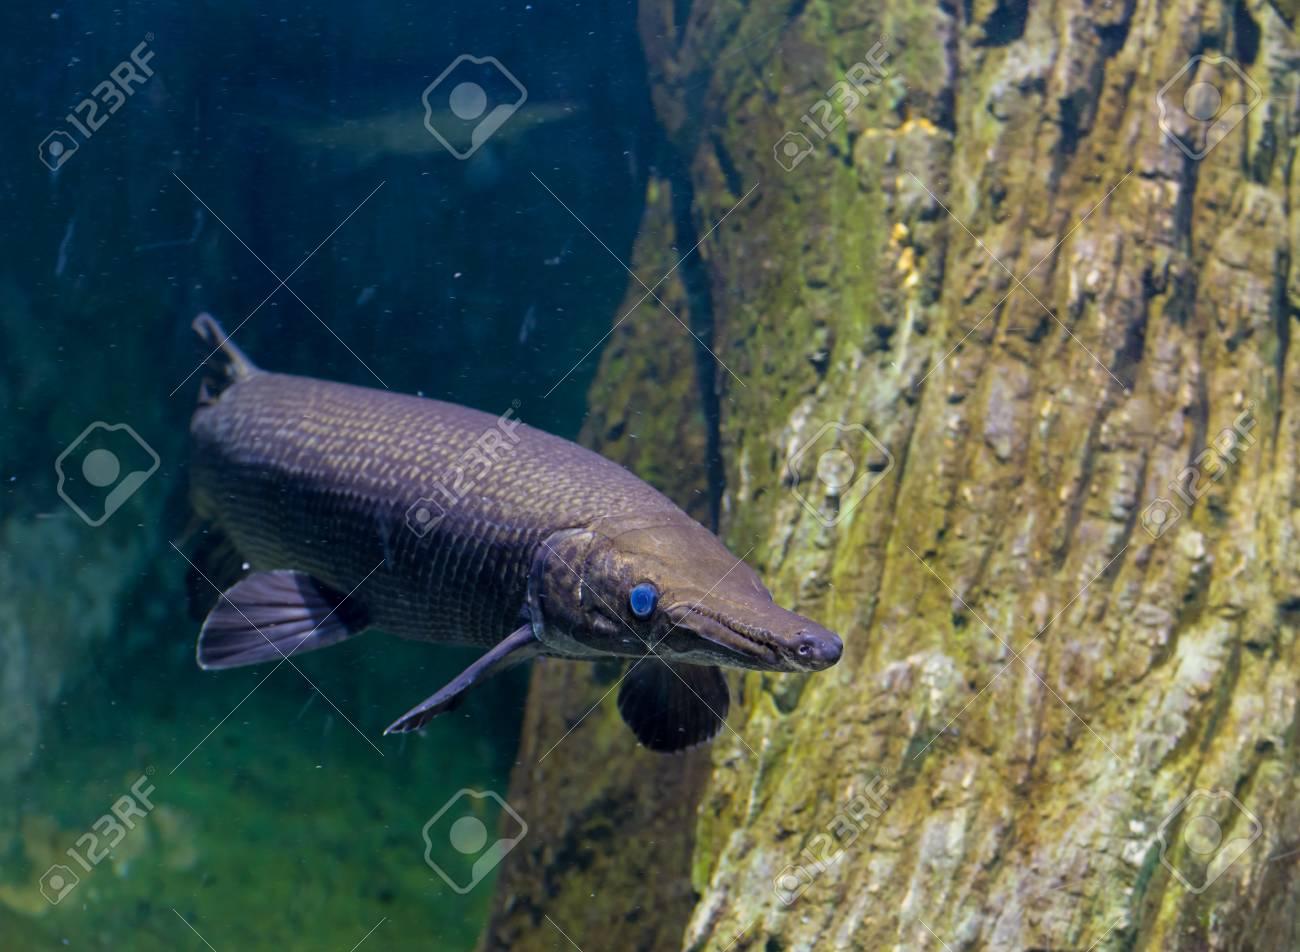 Picture Of A Gar Fish | Image Of Alligator Gar Fish In Aquarium Tank Stock Photo Picture